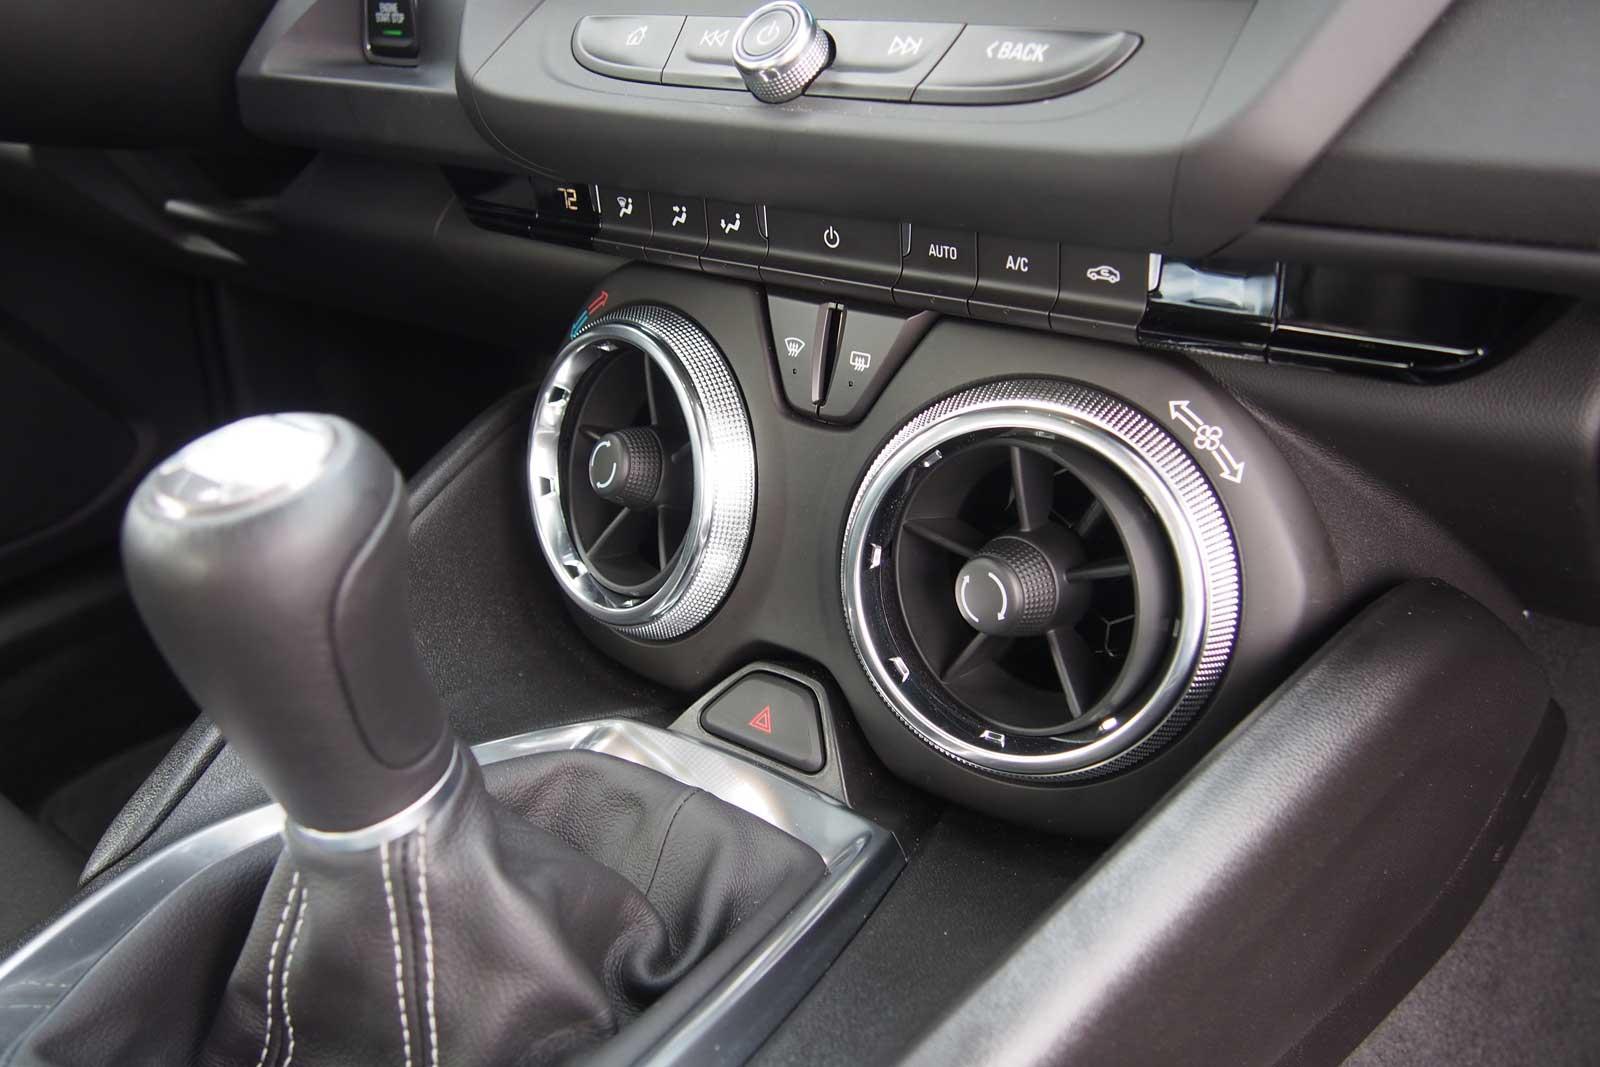 2016-Chevrolet-Camaro-1LT-Interior-04